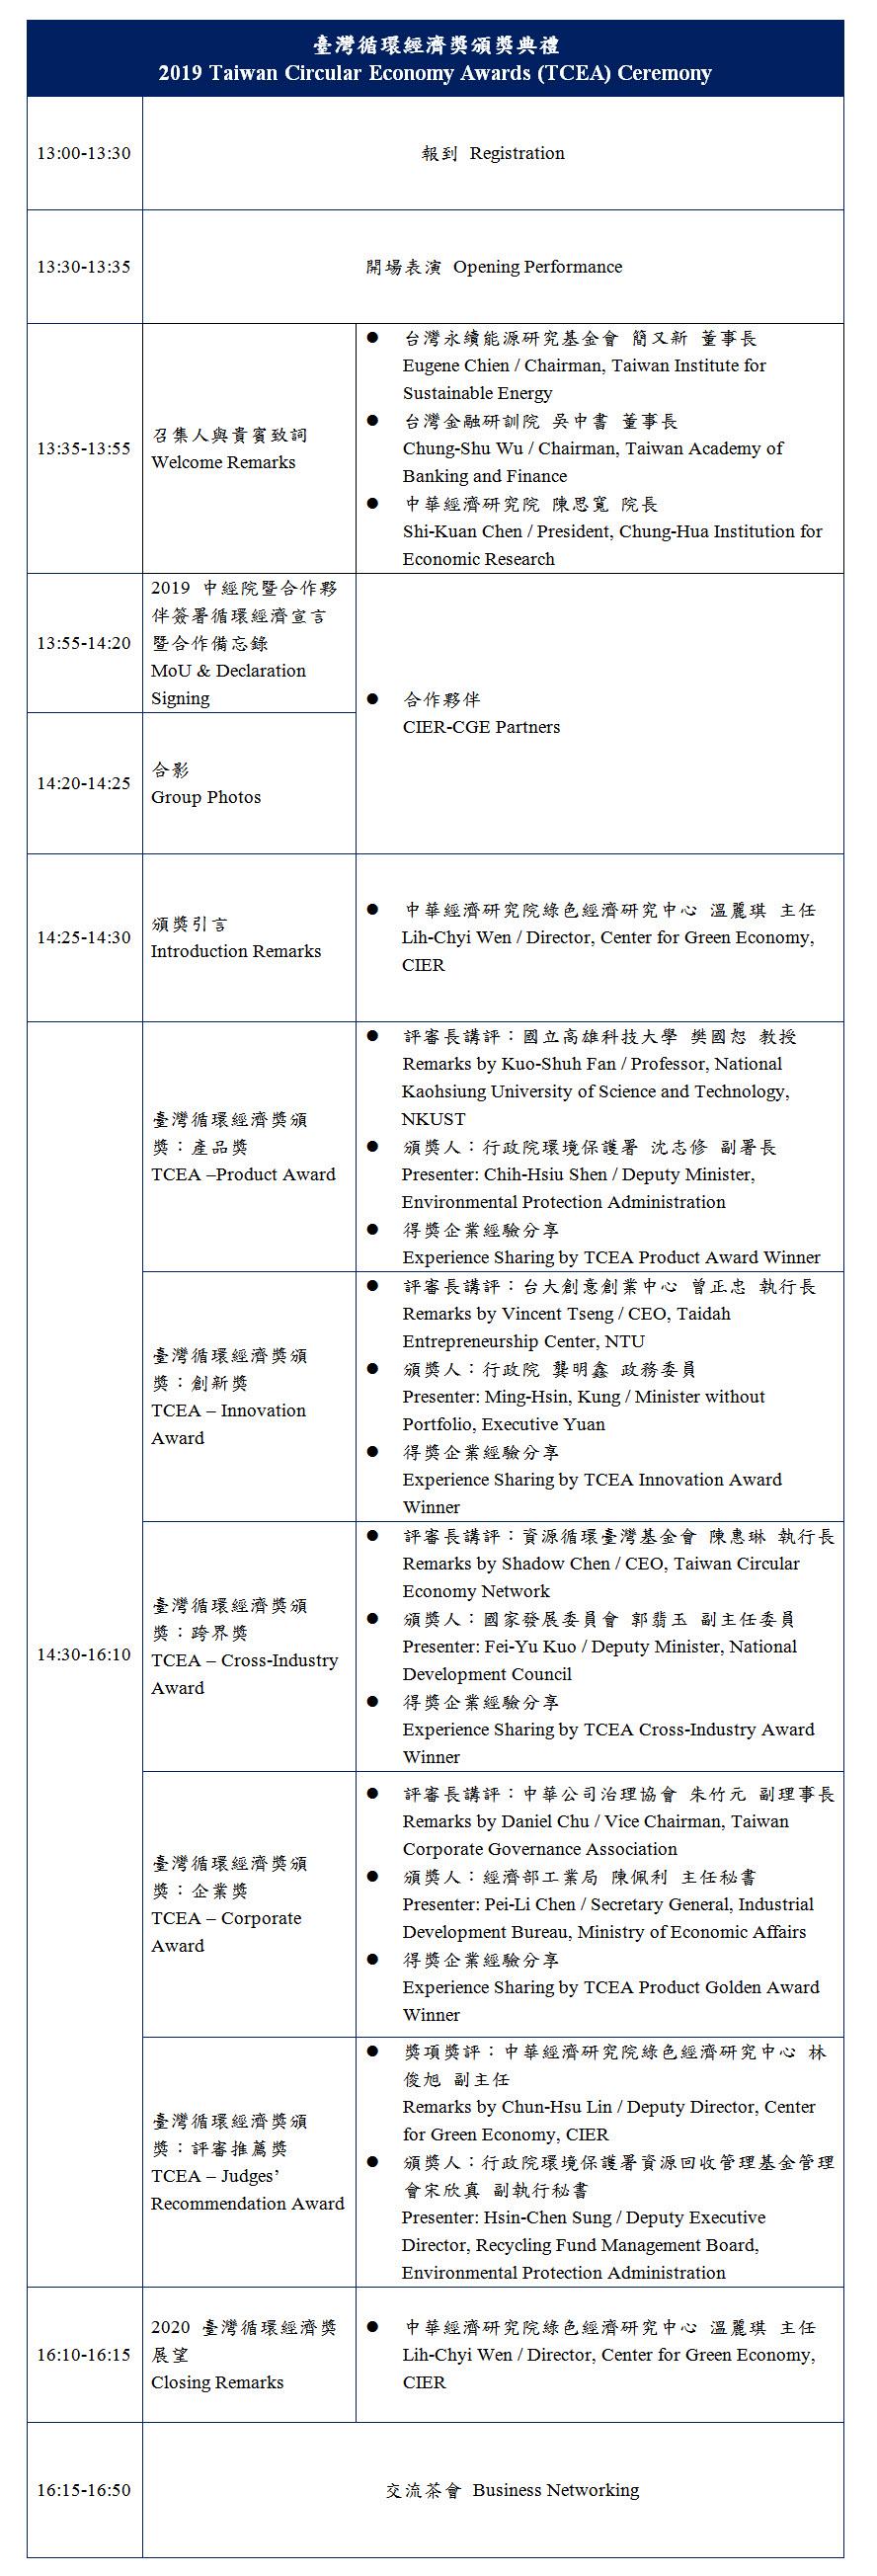 標題-永續城市-臺灣循環經濟獎頒獎典禮議程